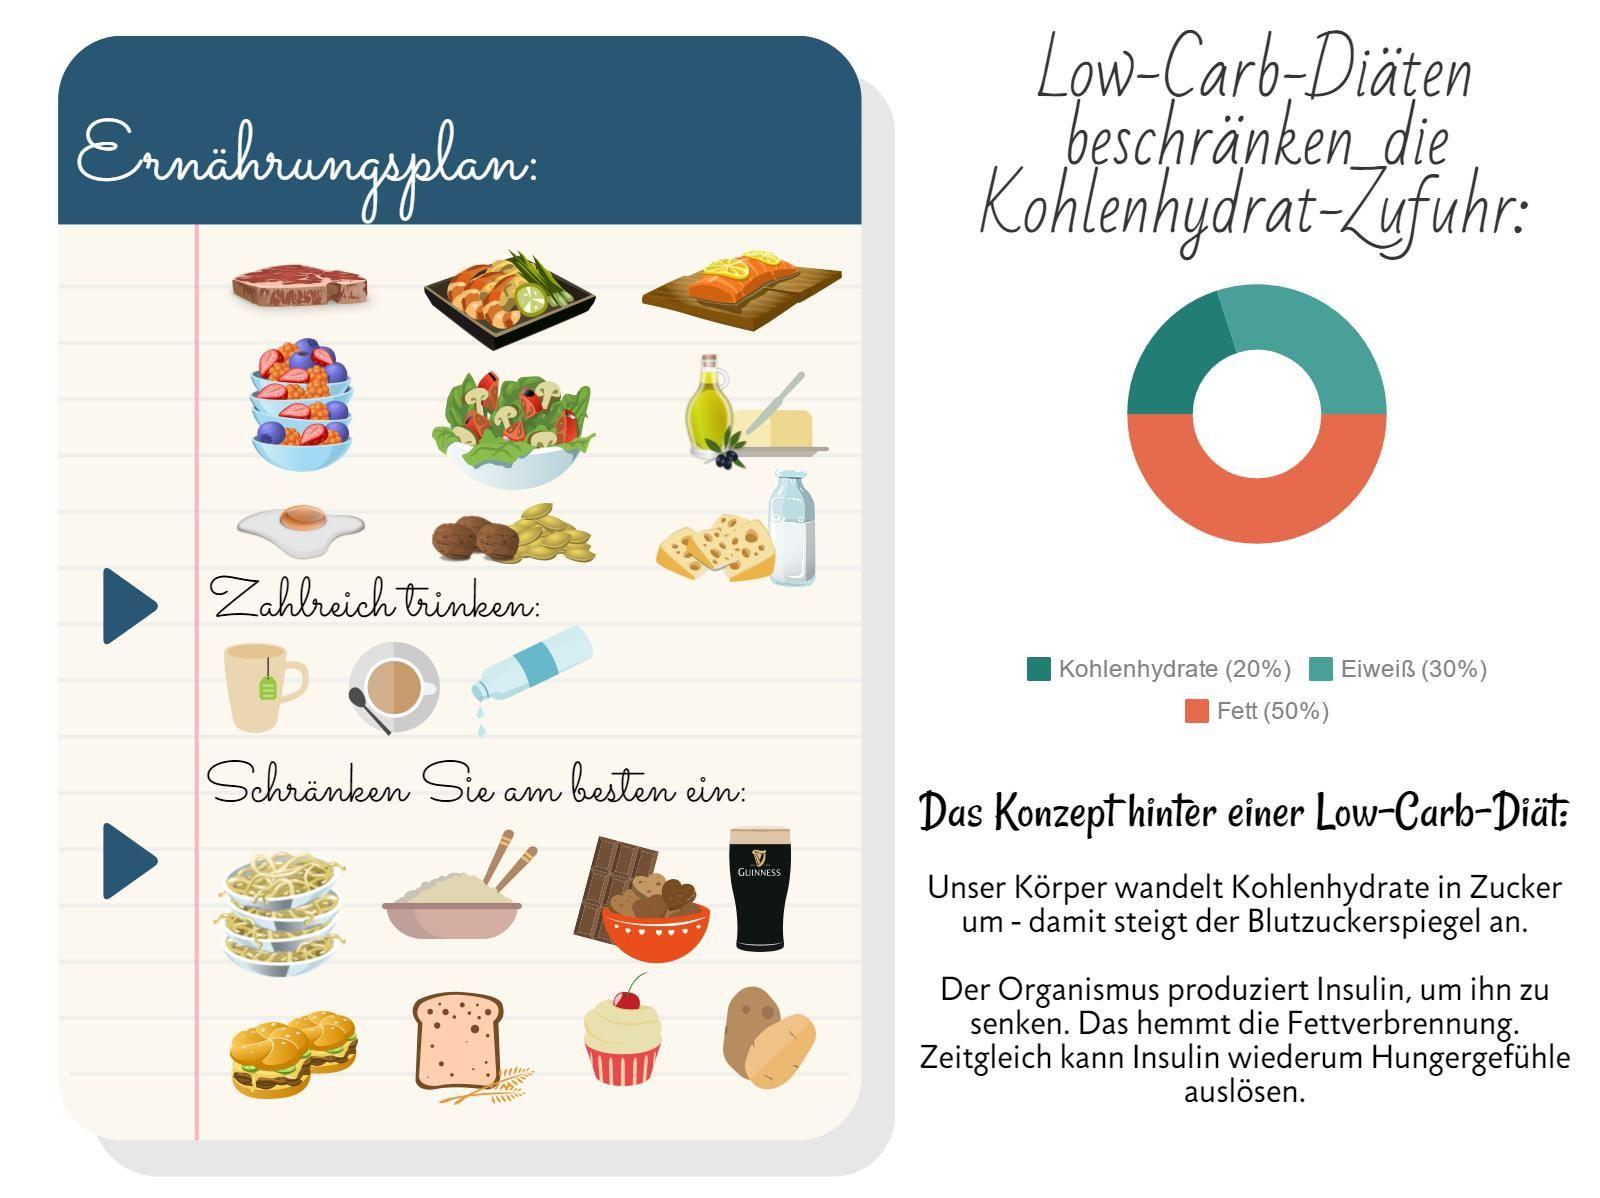 Wichtiges über die Low-Carb-Diät.